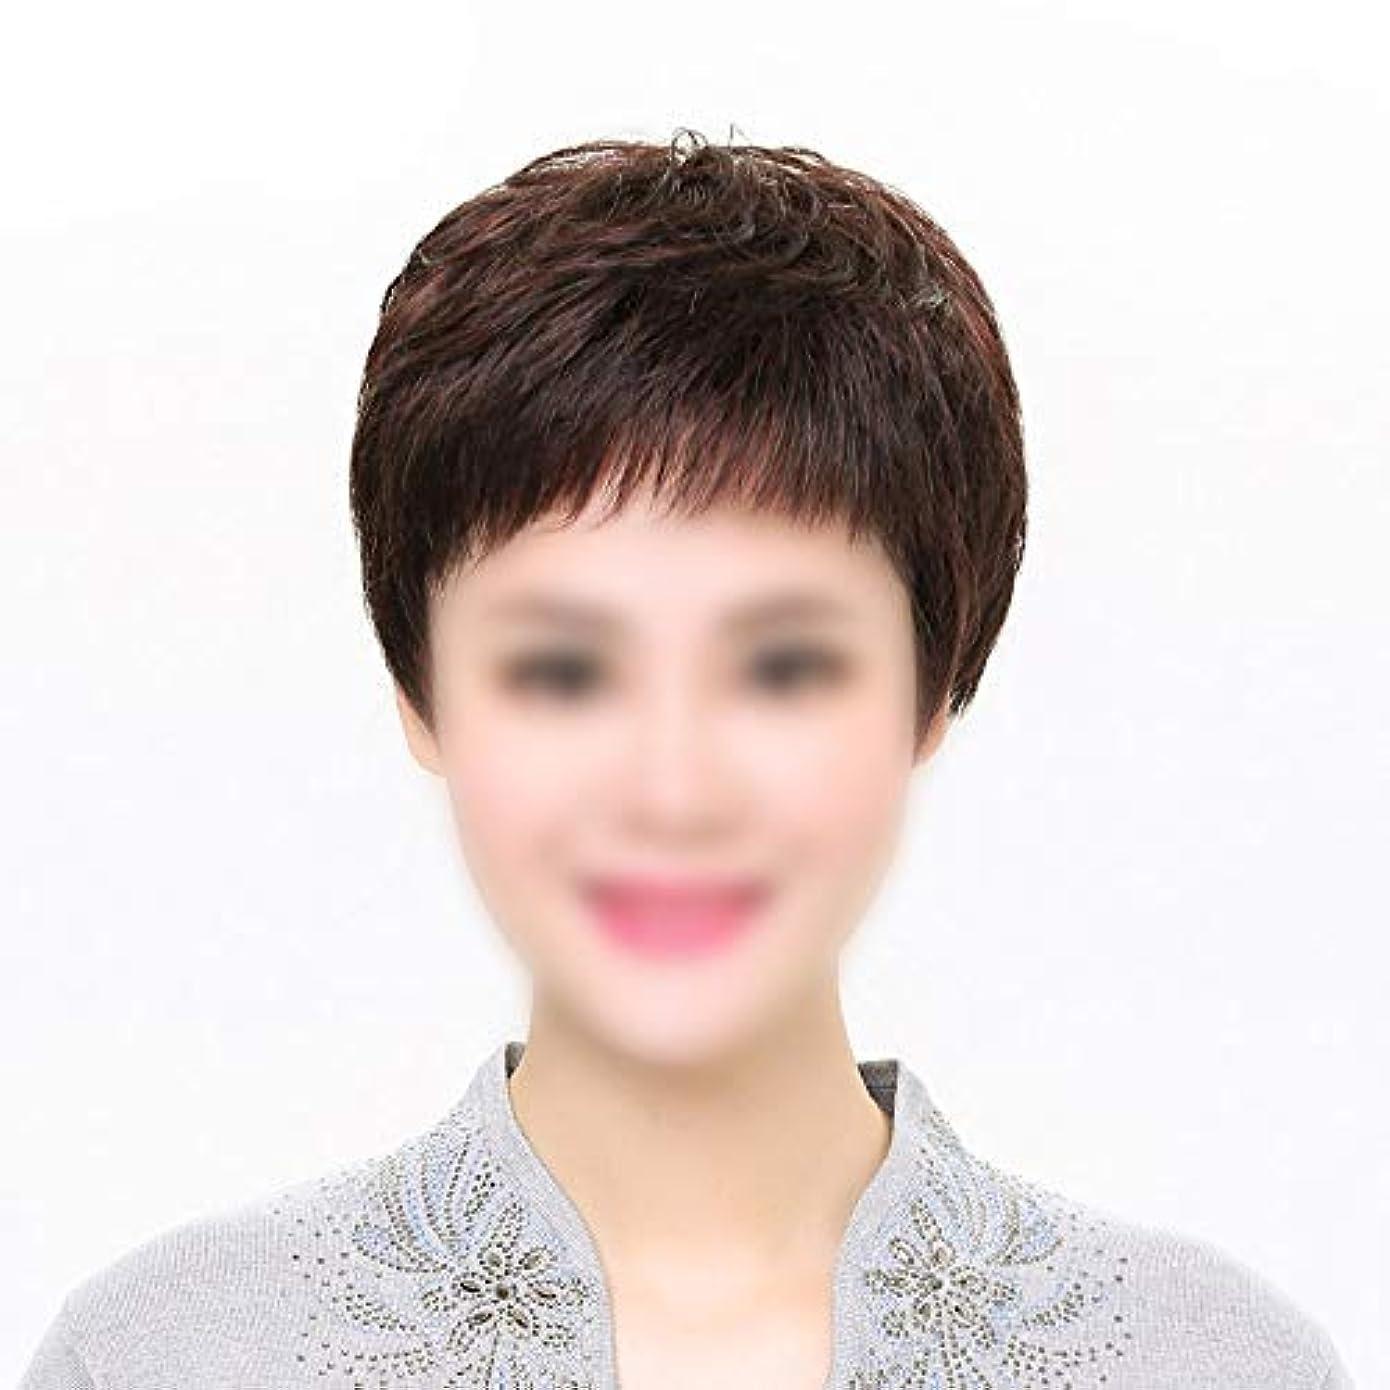 前奏曲もう一度ディレクターYOUQIU 女性のかつらのために前髪人毛かつら、100%本物の人間の髪の毛無料パートショートスタイリッシュなウィッグ (色 : 黒, Edition : Mechanism)